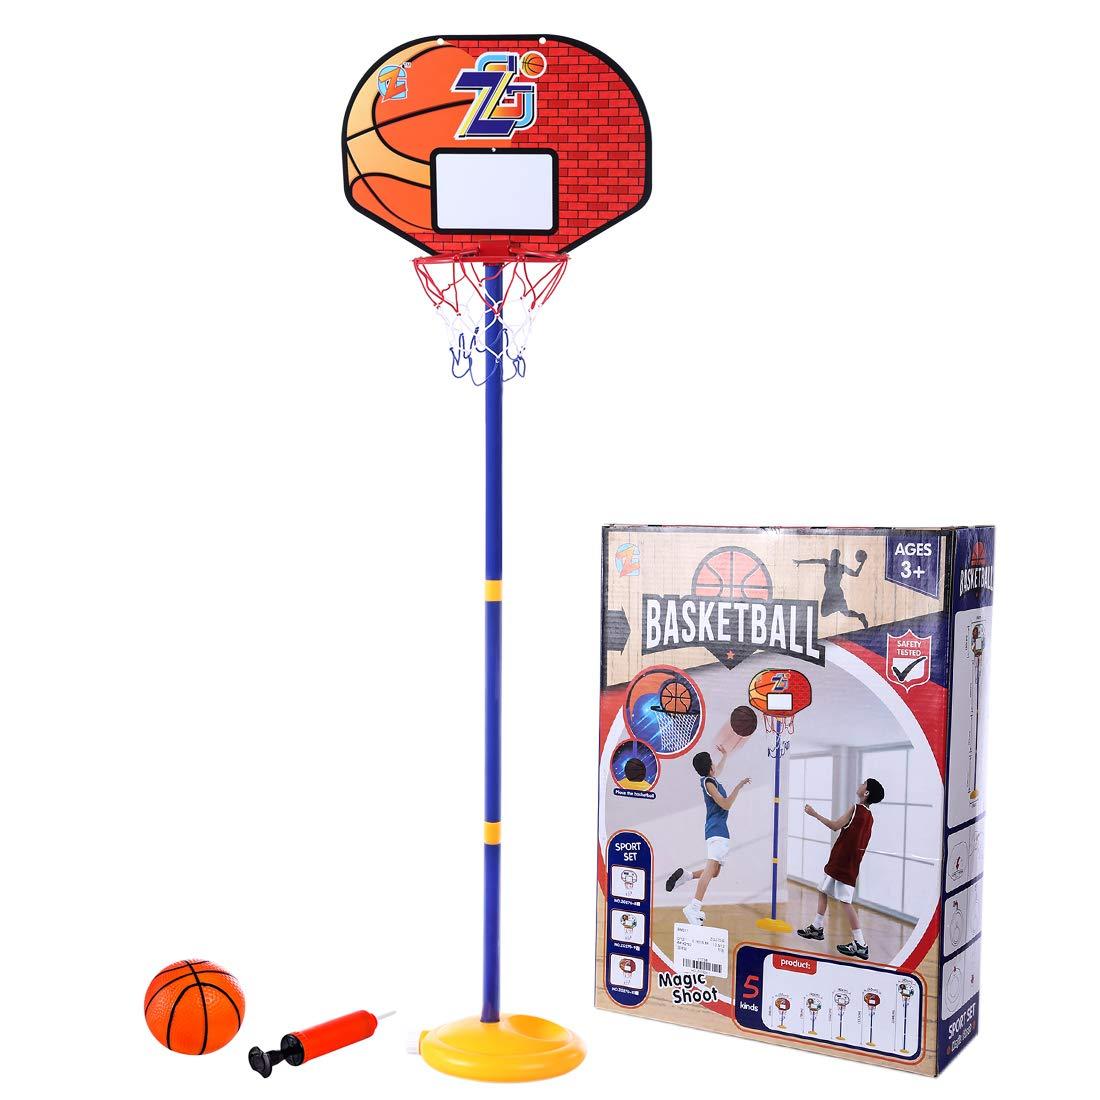 TETAKE Basketballkorb Kinder Tragbar Basketballst/änder Kinder Einstellbare 68-144cm H/öhenverstellbar Basketballkorb mit St/änder mit Ball und Inflator